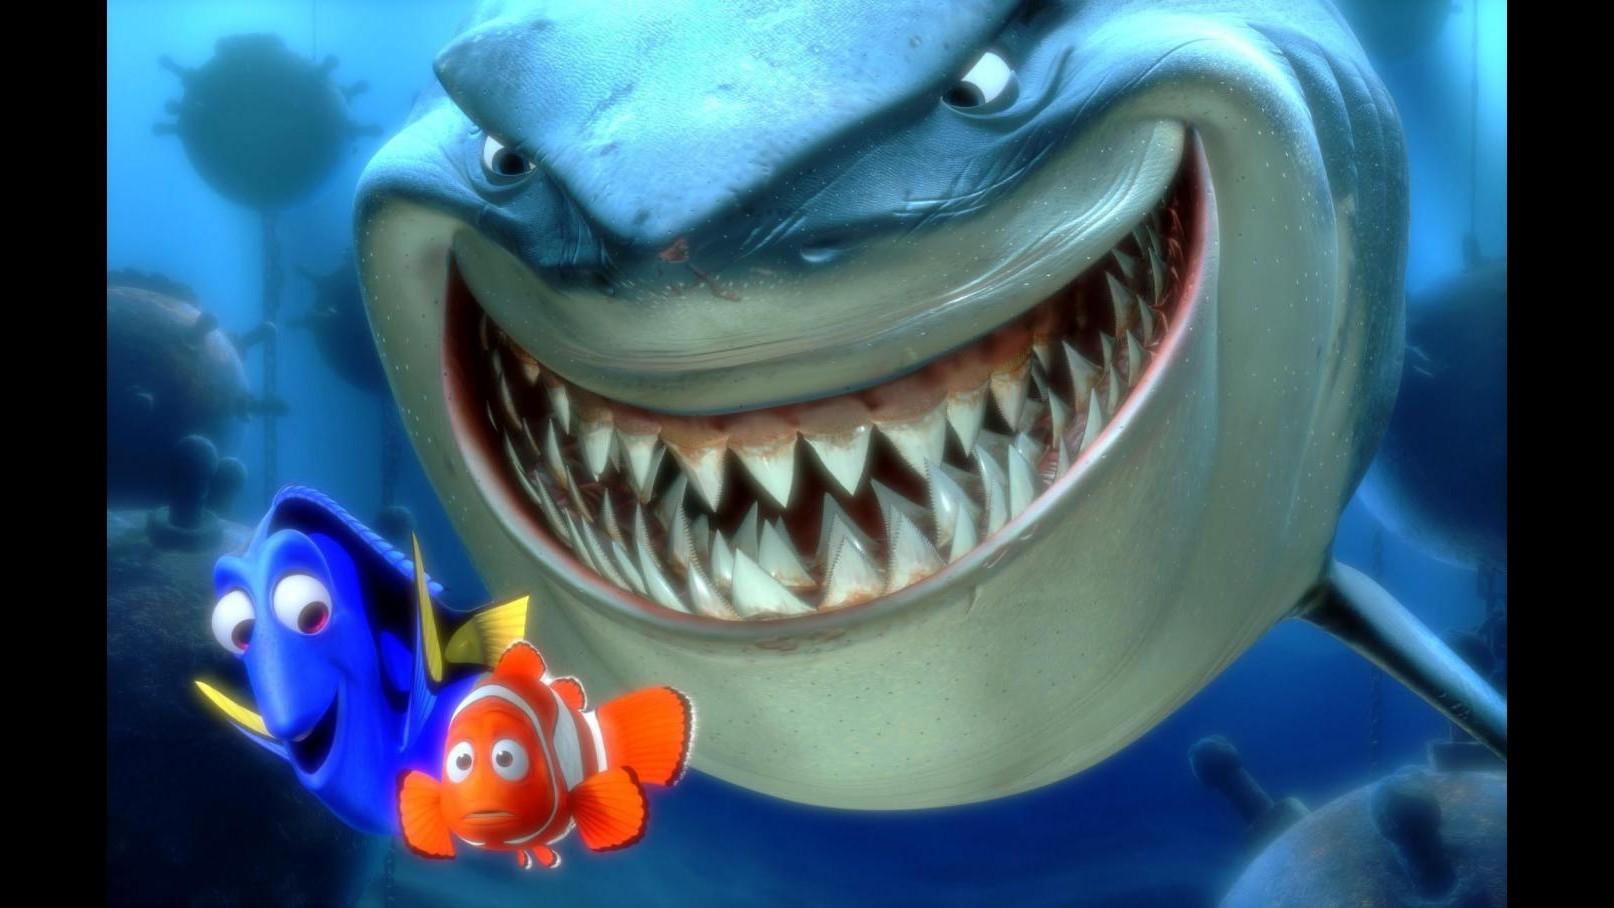 In preparazione 'Alla ricerca di Nemo 2' previsto per il 2016